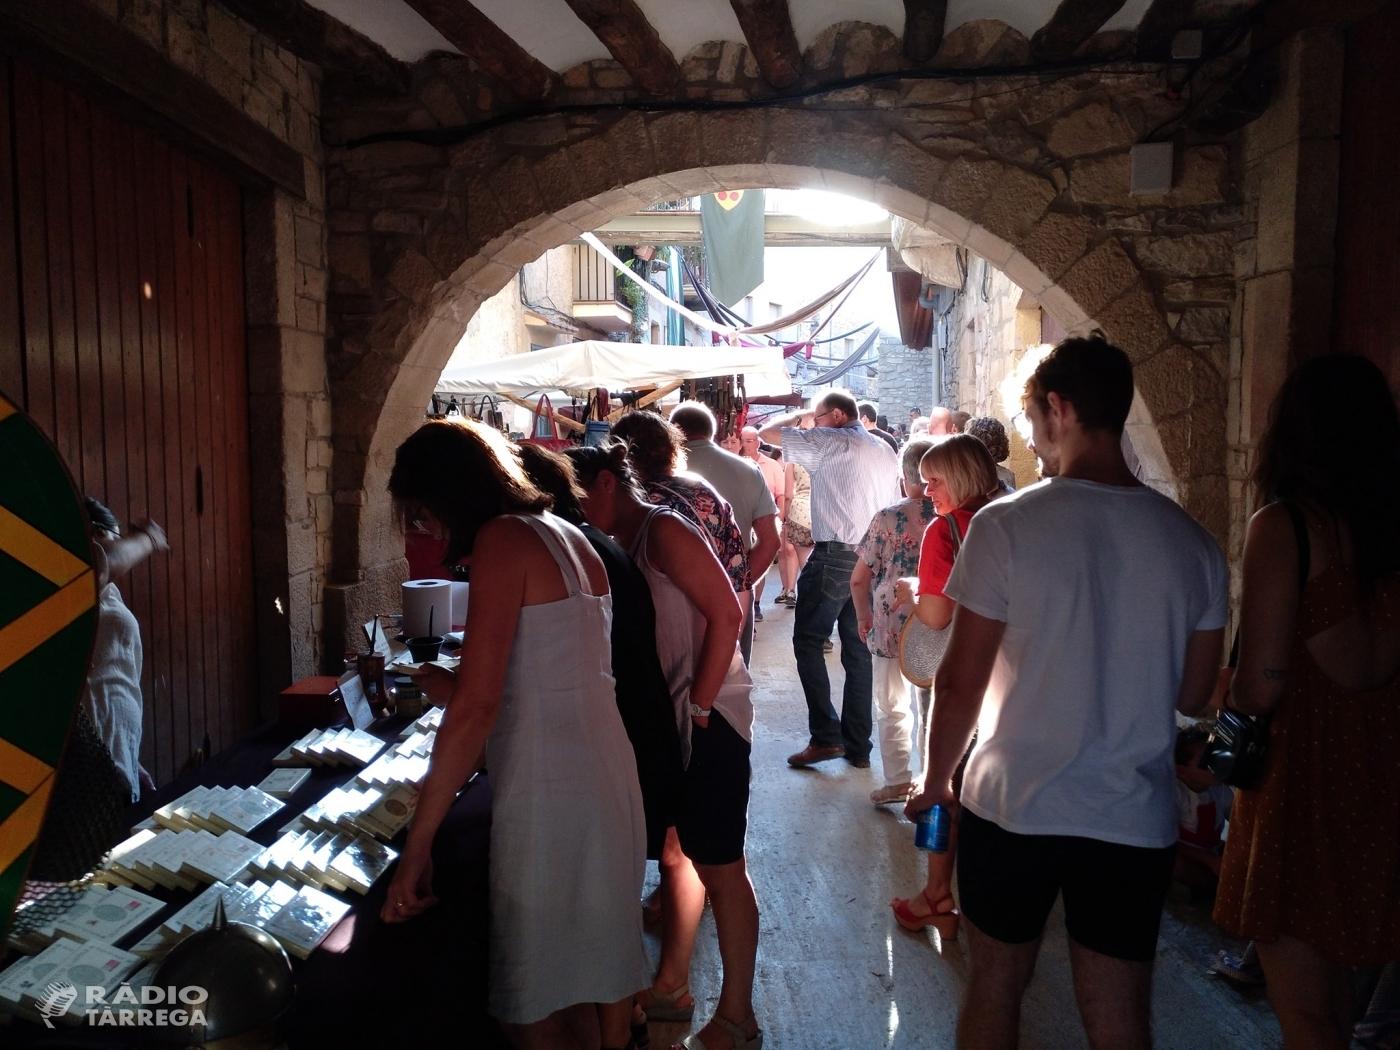 El mercat Medieval de Guimerà celebra el seu 25è aniversari amb més de 20.000 visitants